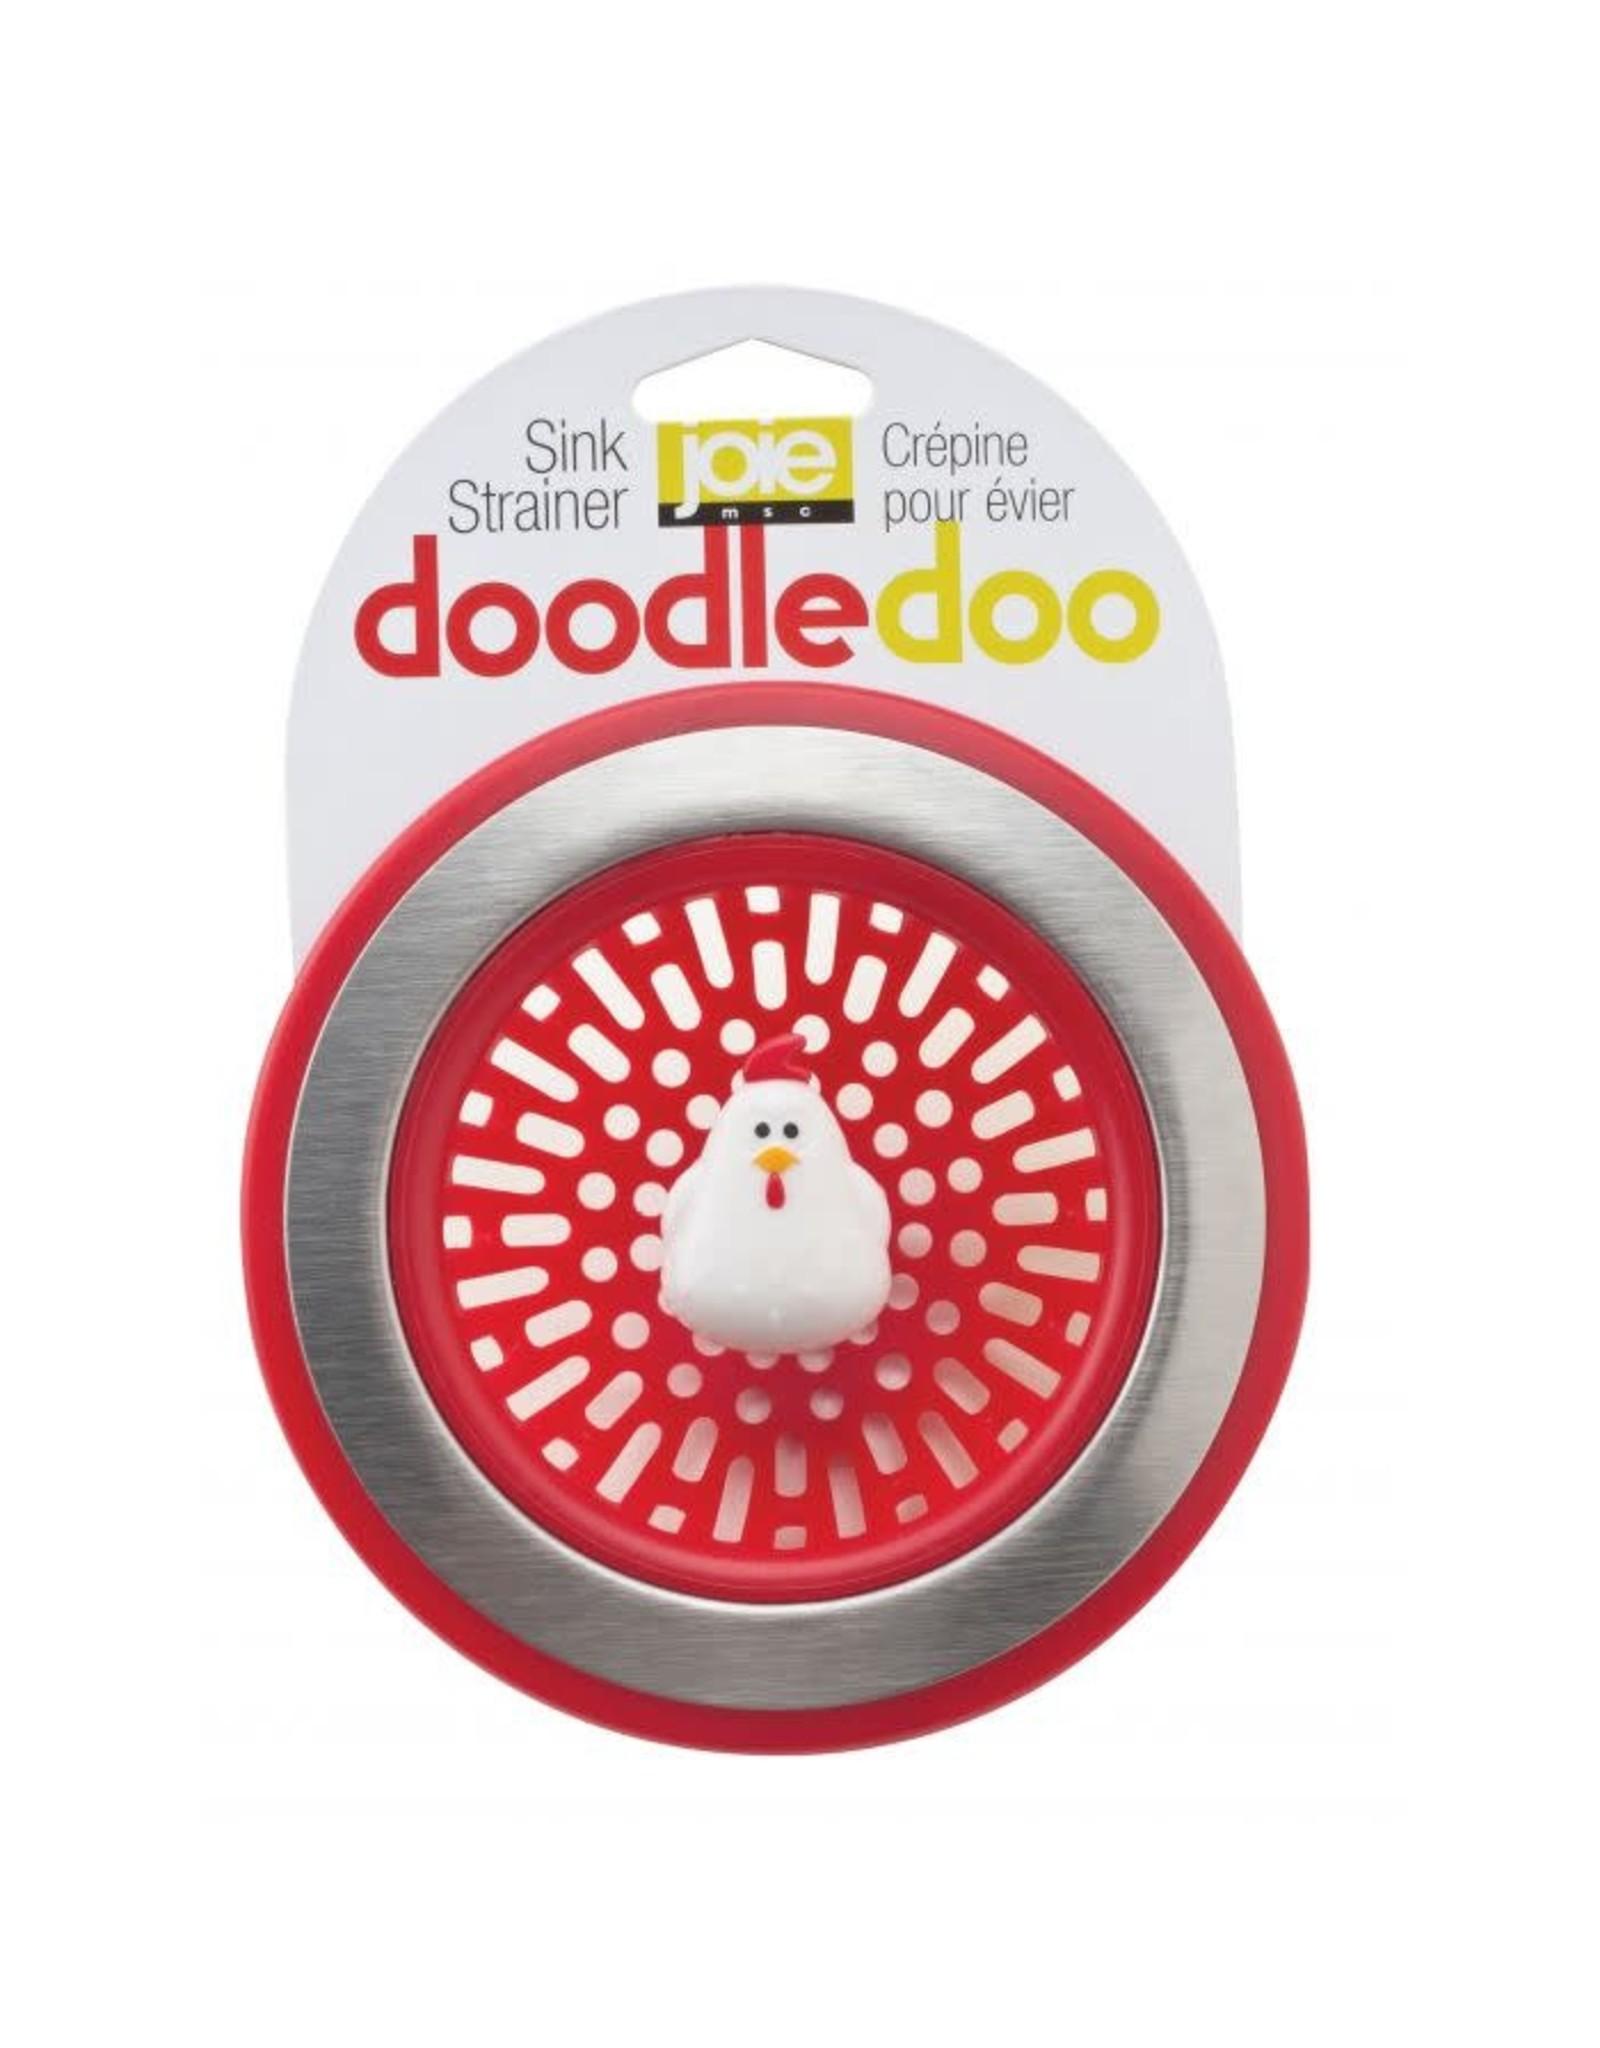 Sink Strainer, Doodle Doo